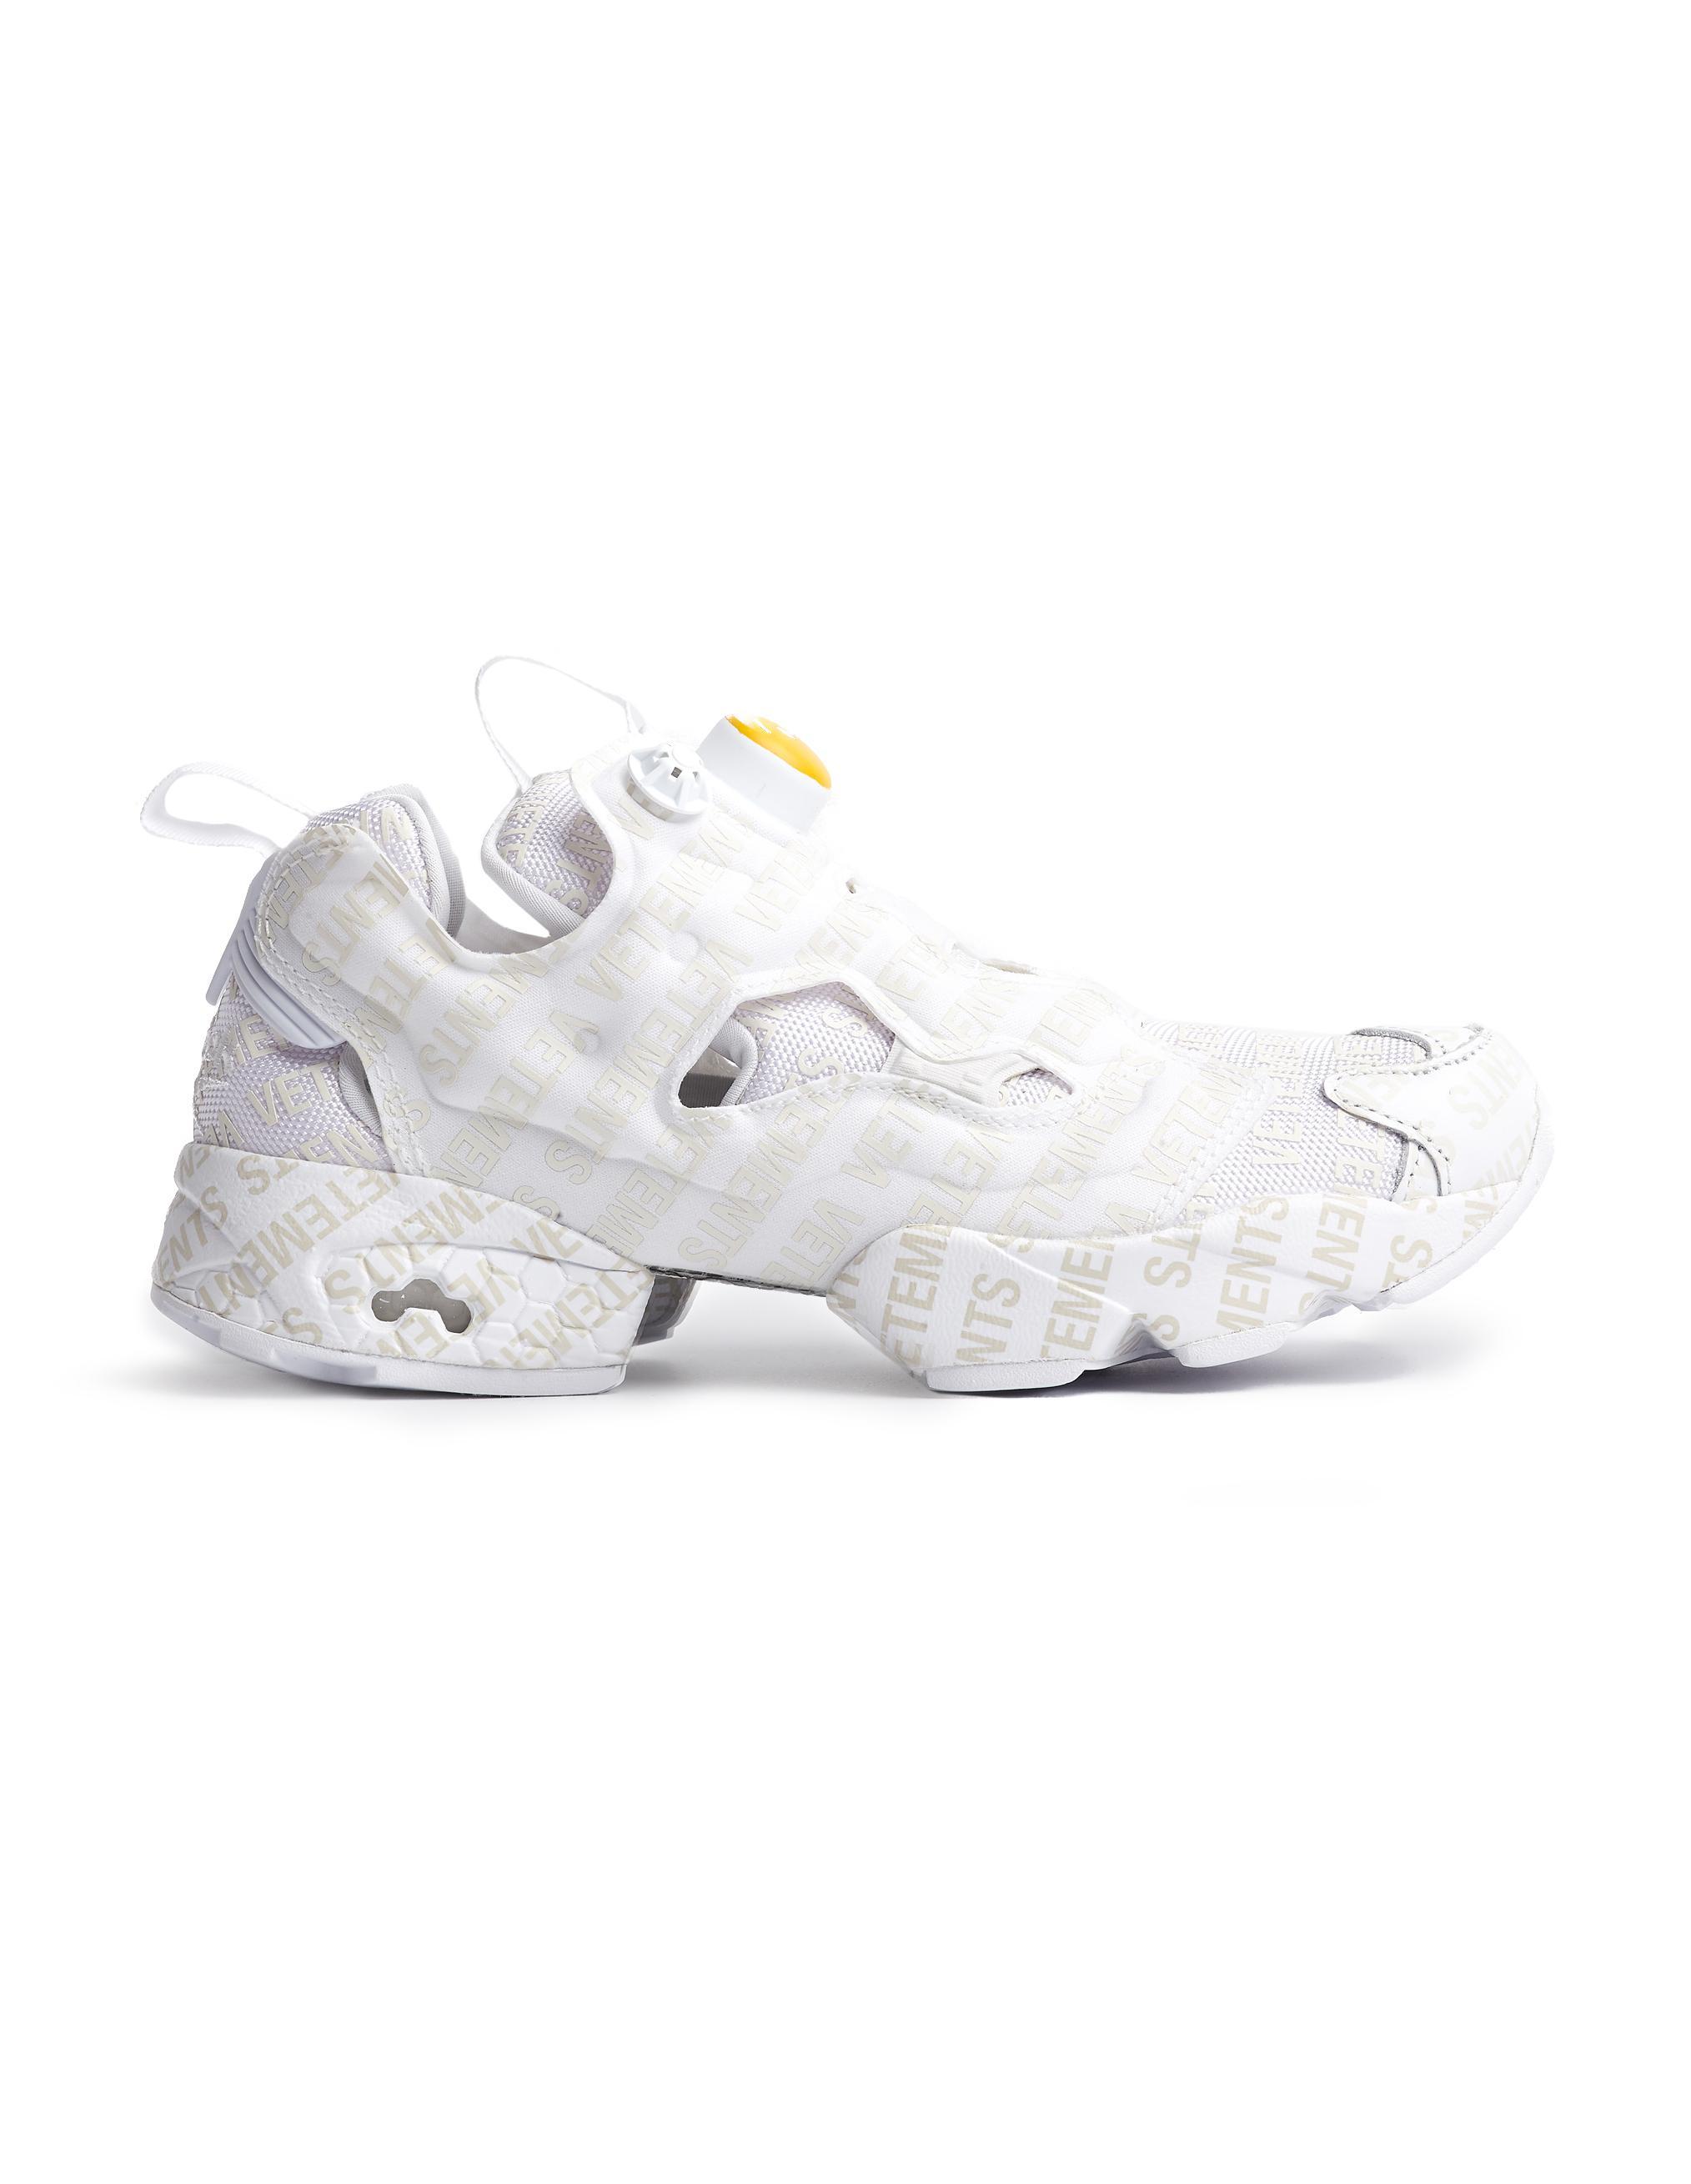 Vetements Reebok Instapump Fury Emoji Sneakers in White - Lyst 0af498c46